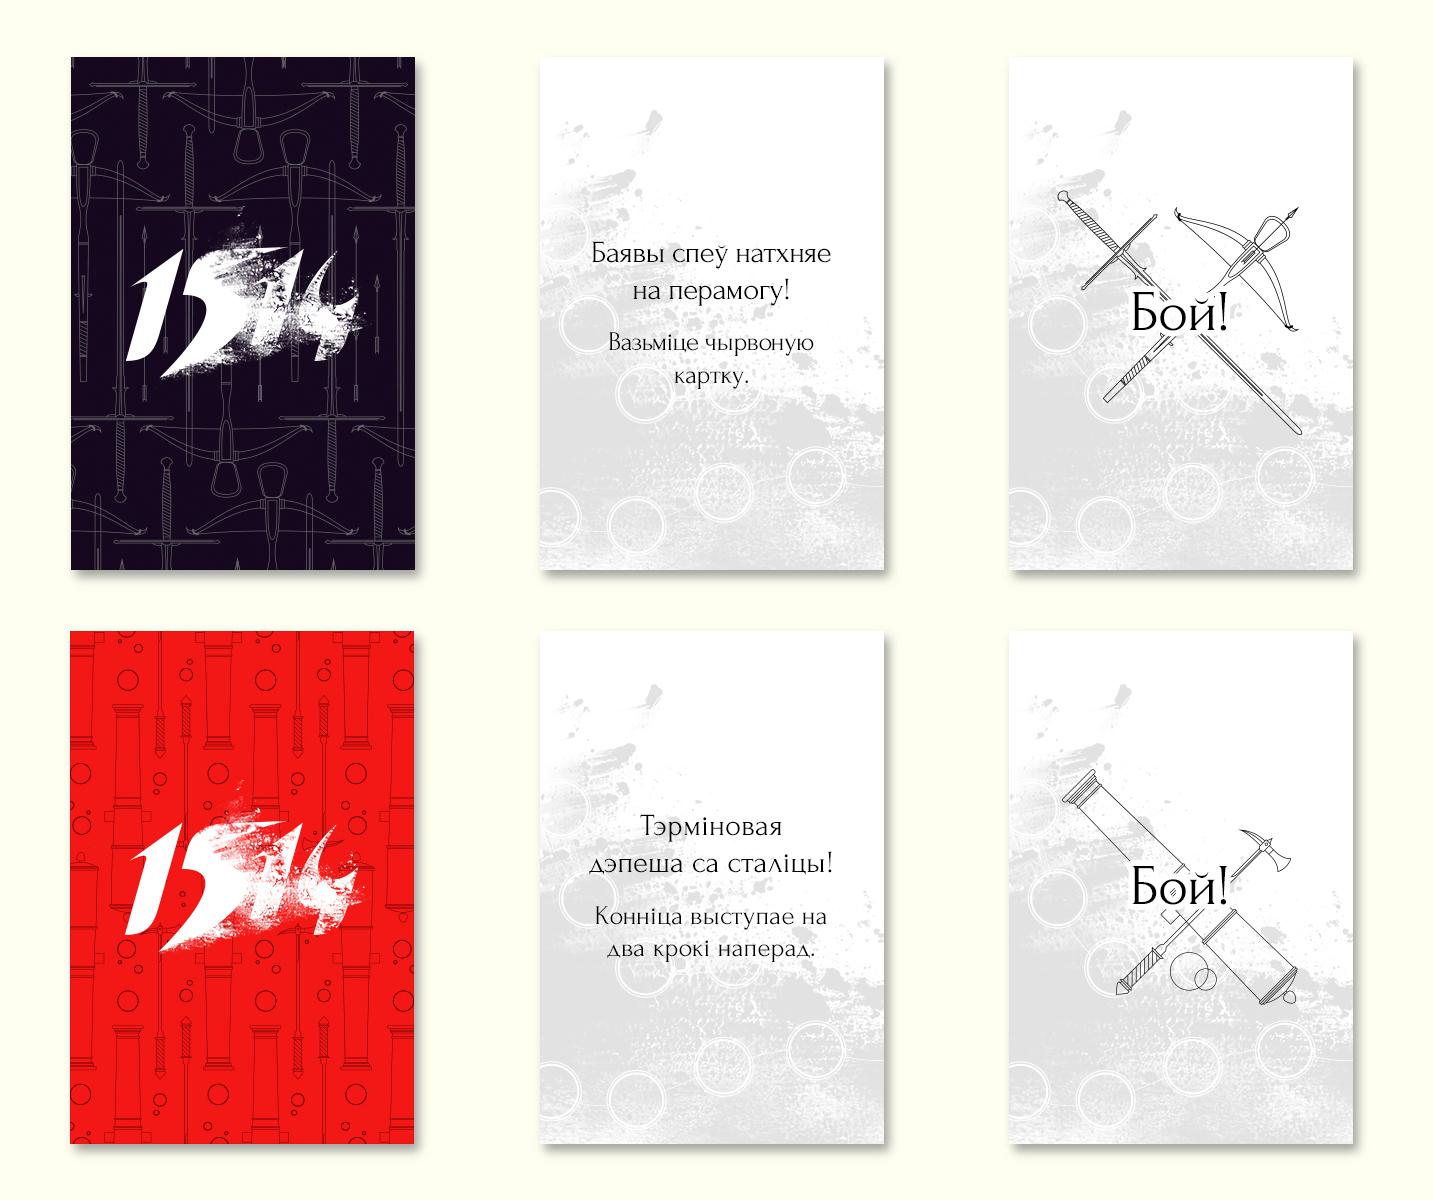 Карткі гульні 1514 PRAS.BY